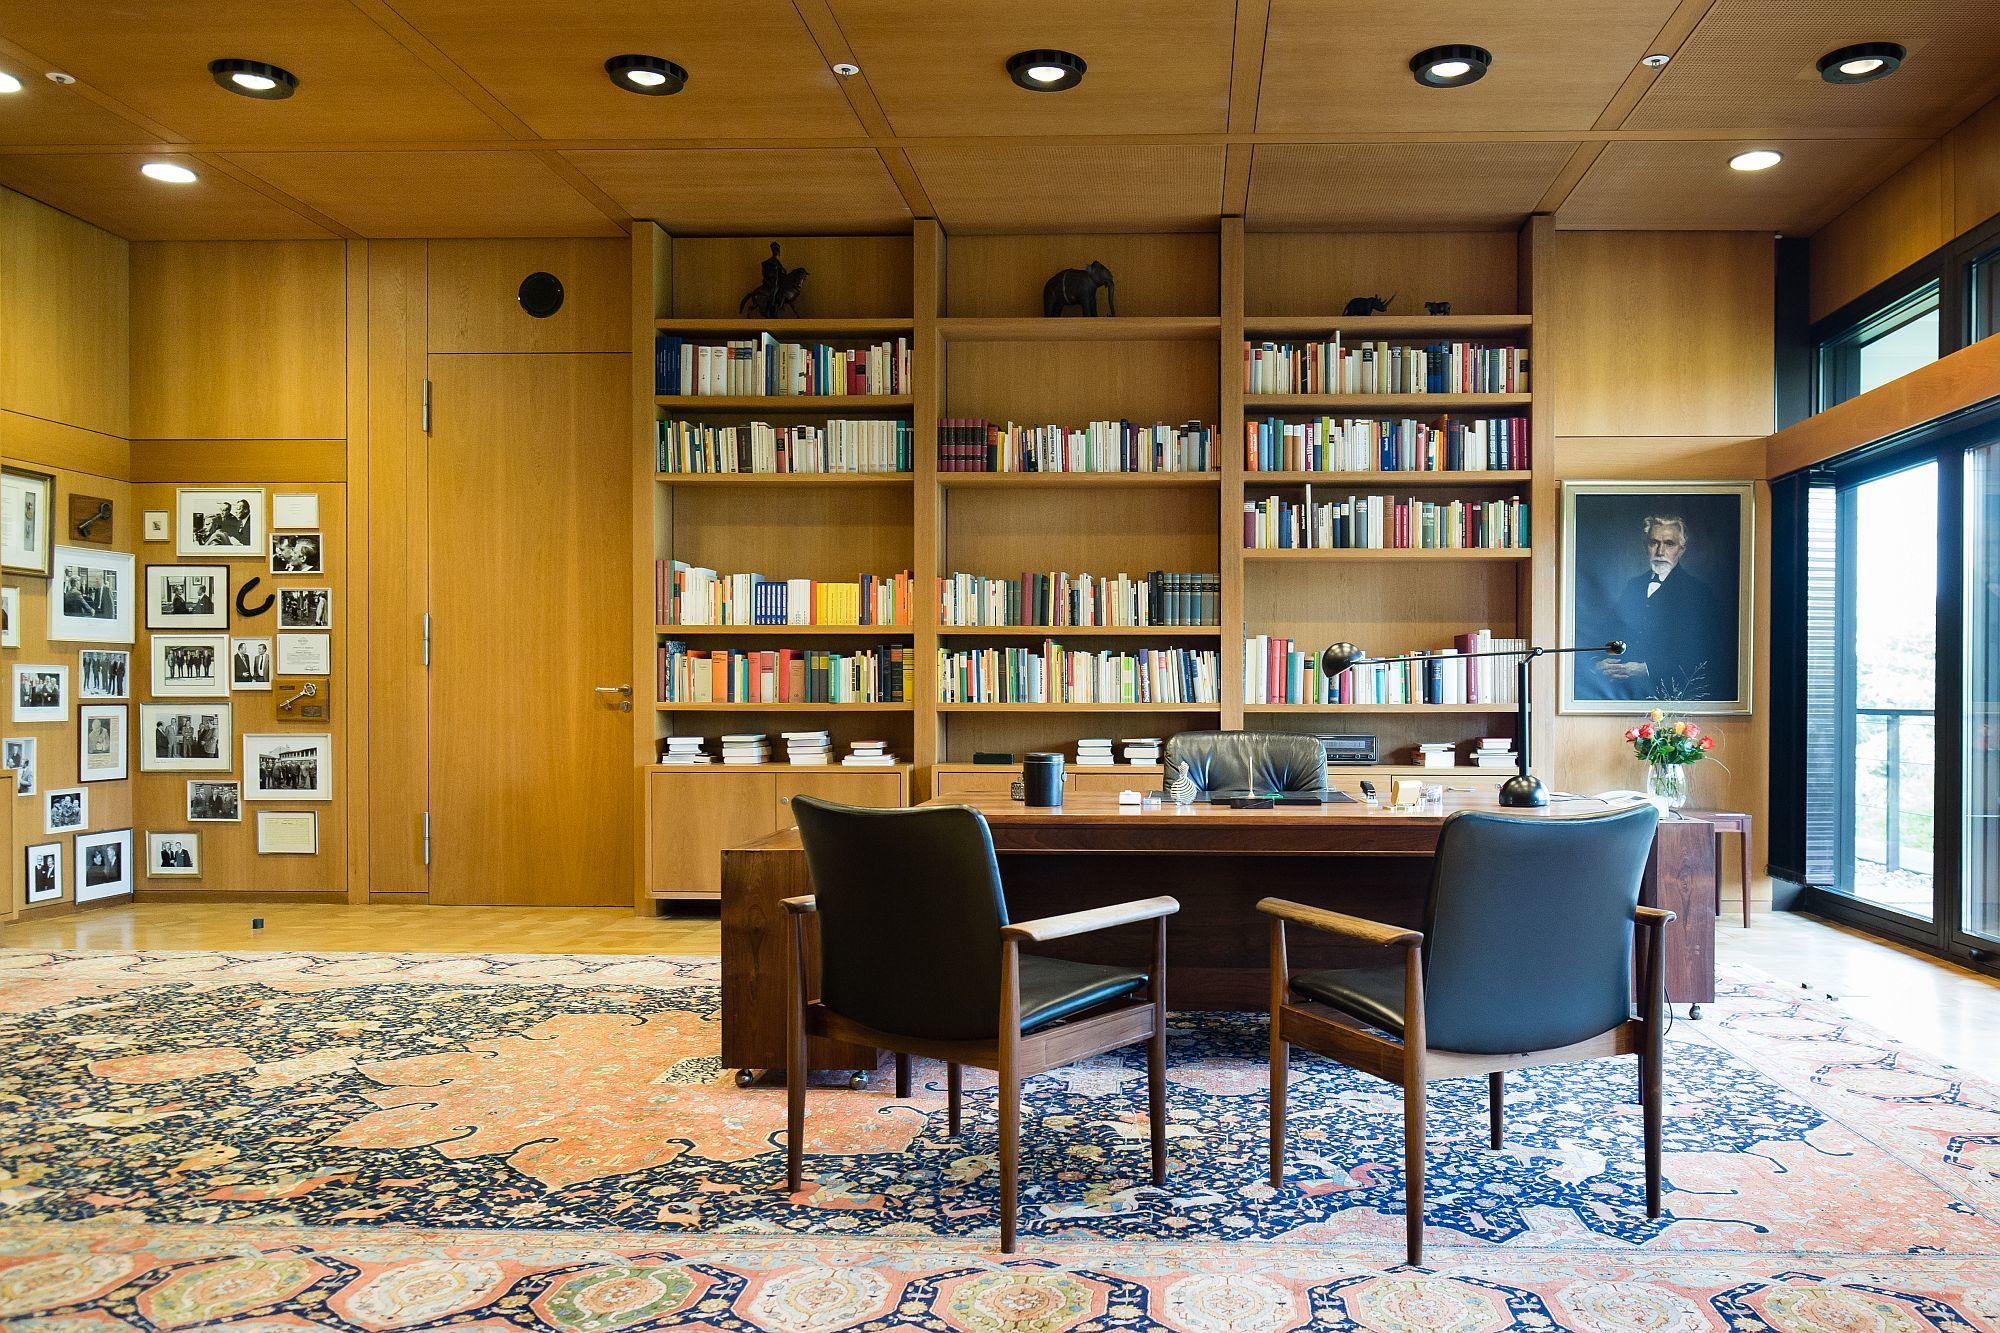 Blick auf den Schreibtisch im ehemaligen Kanzlerzimmer in Bonn